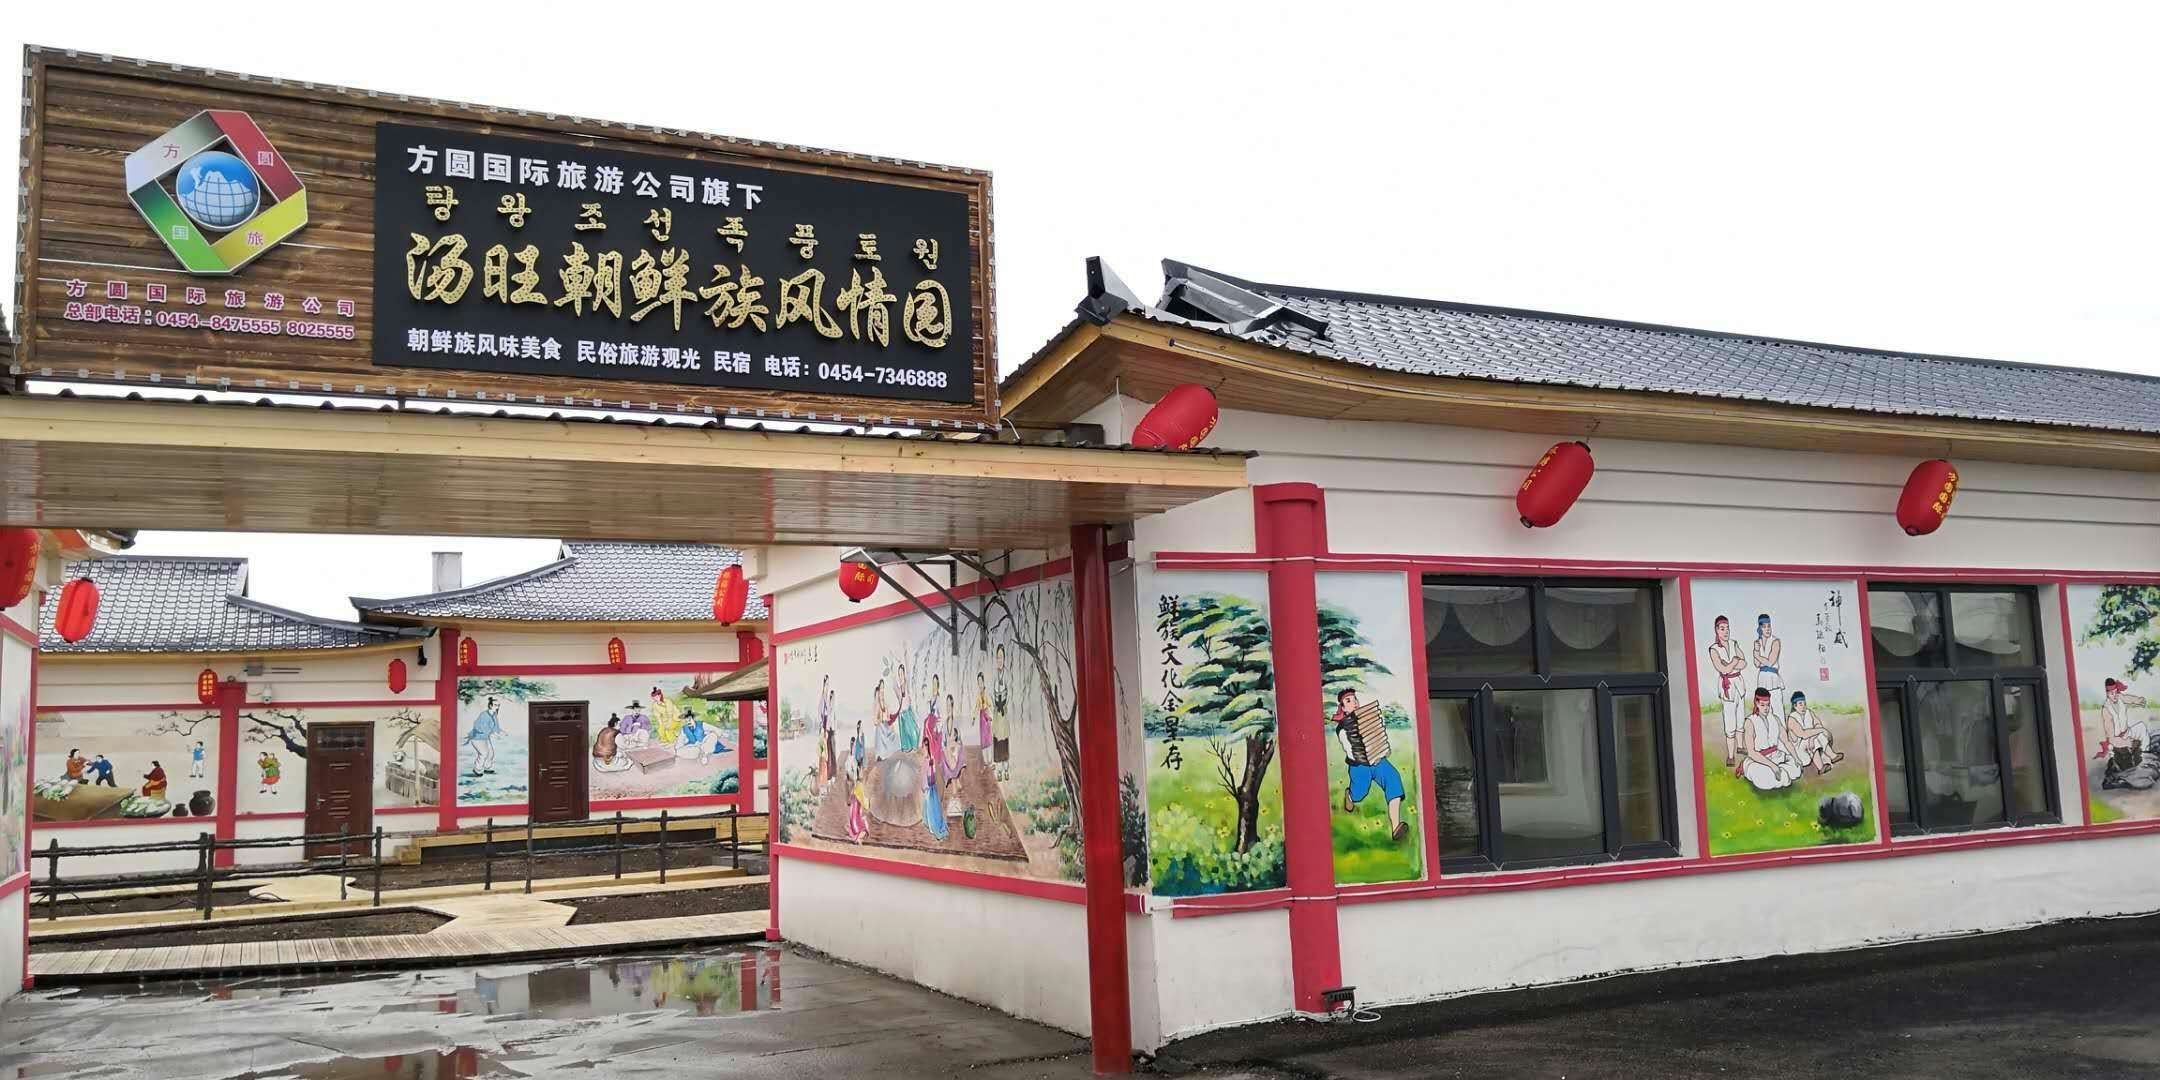 朝鲜民俗风情园